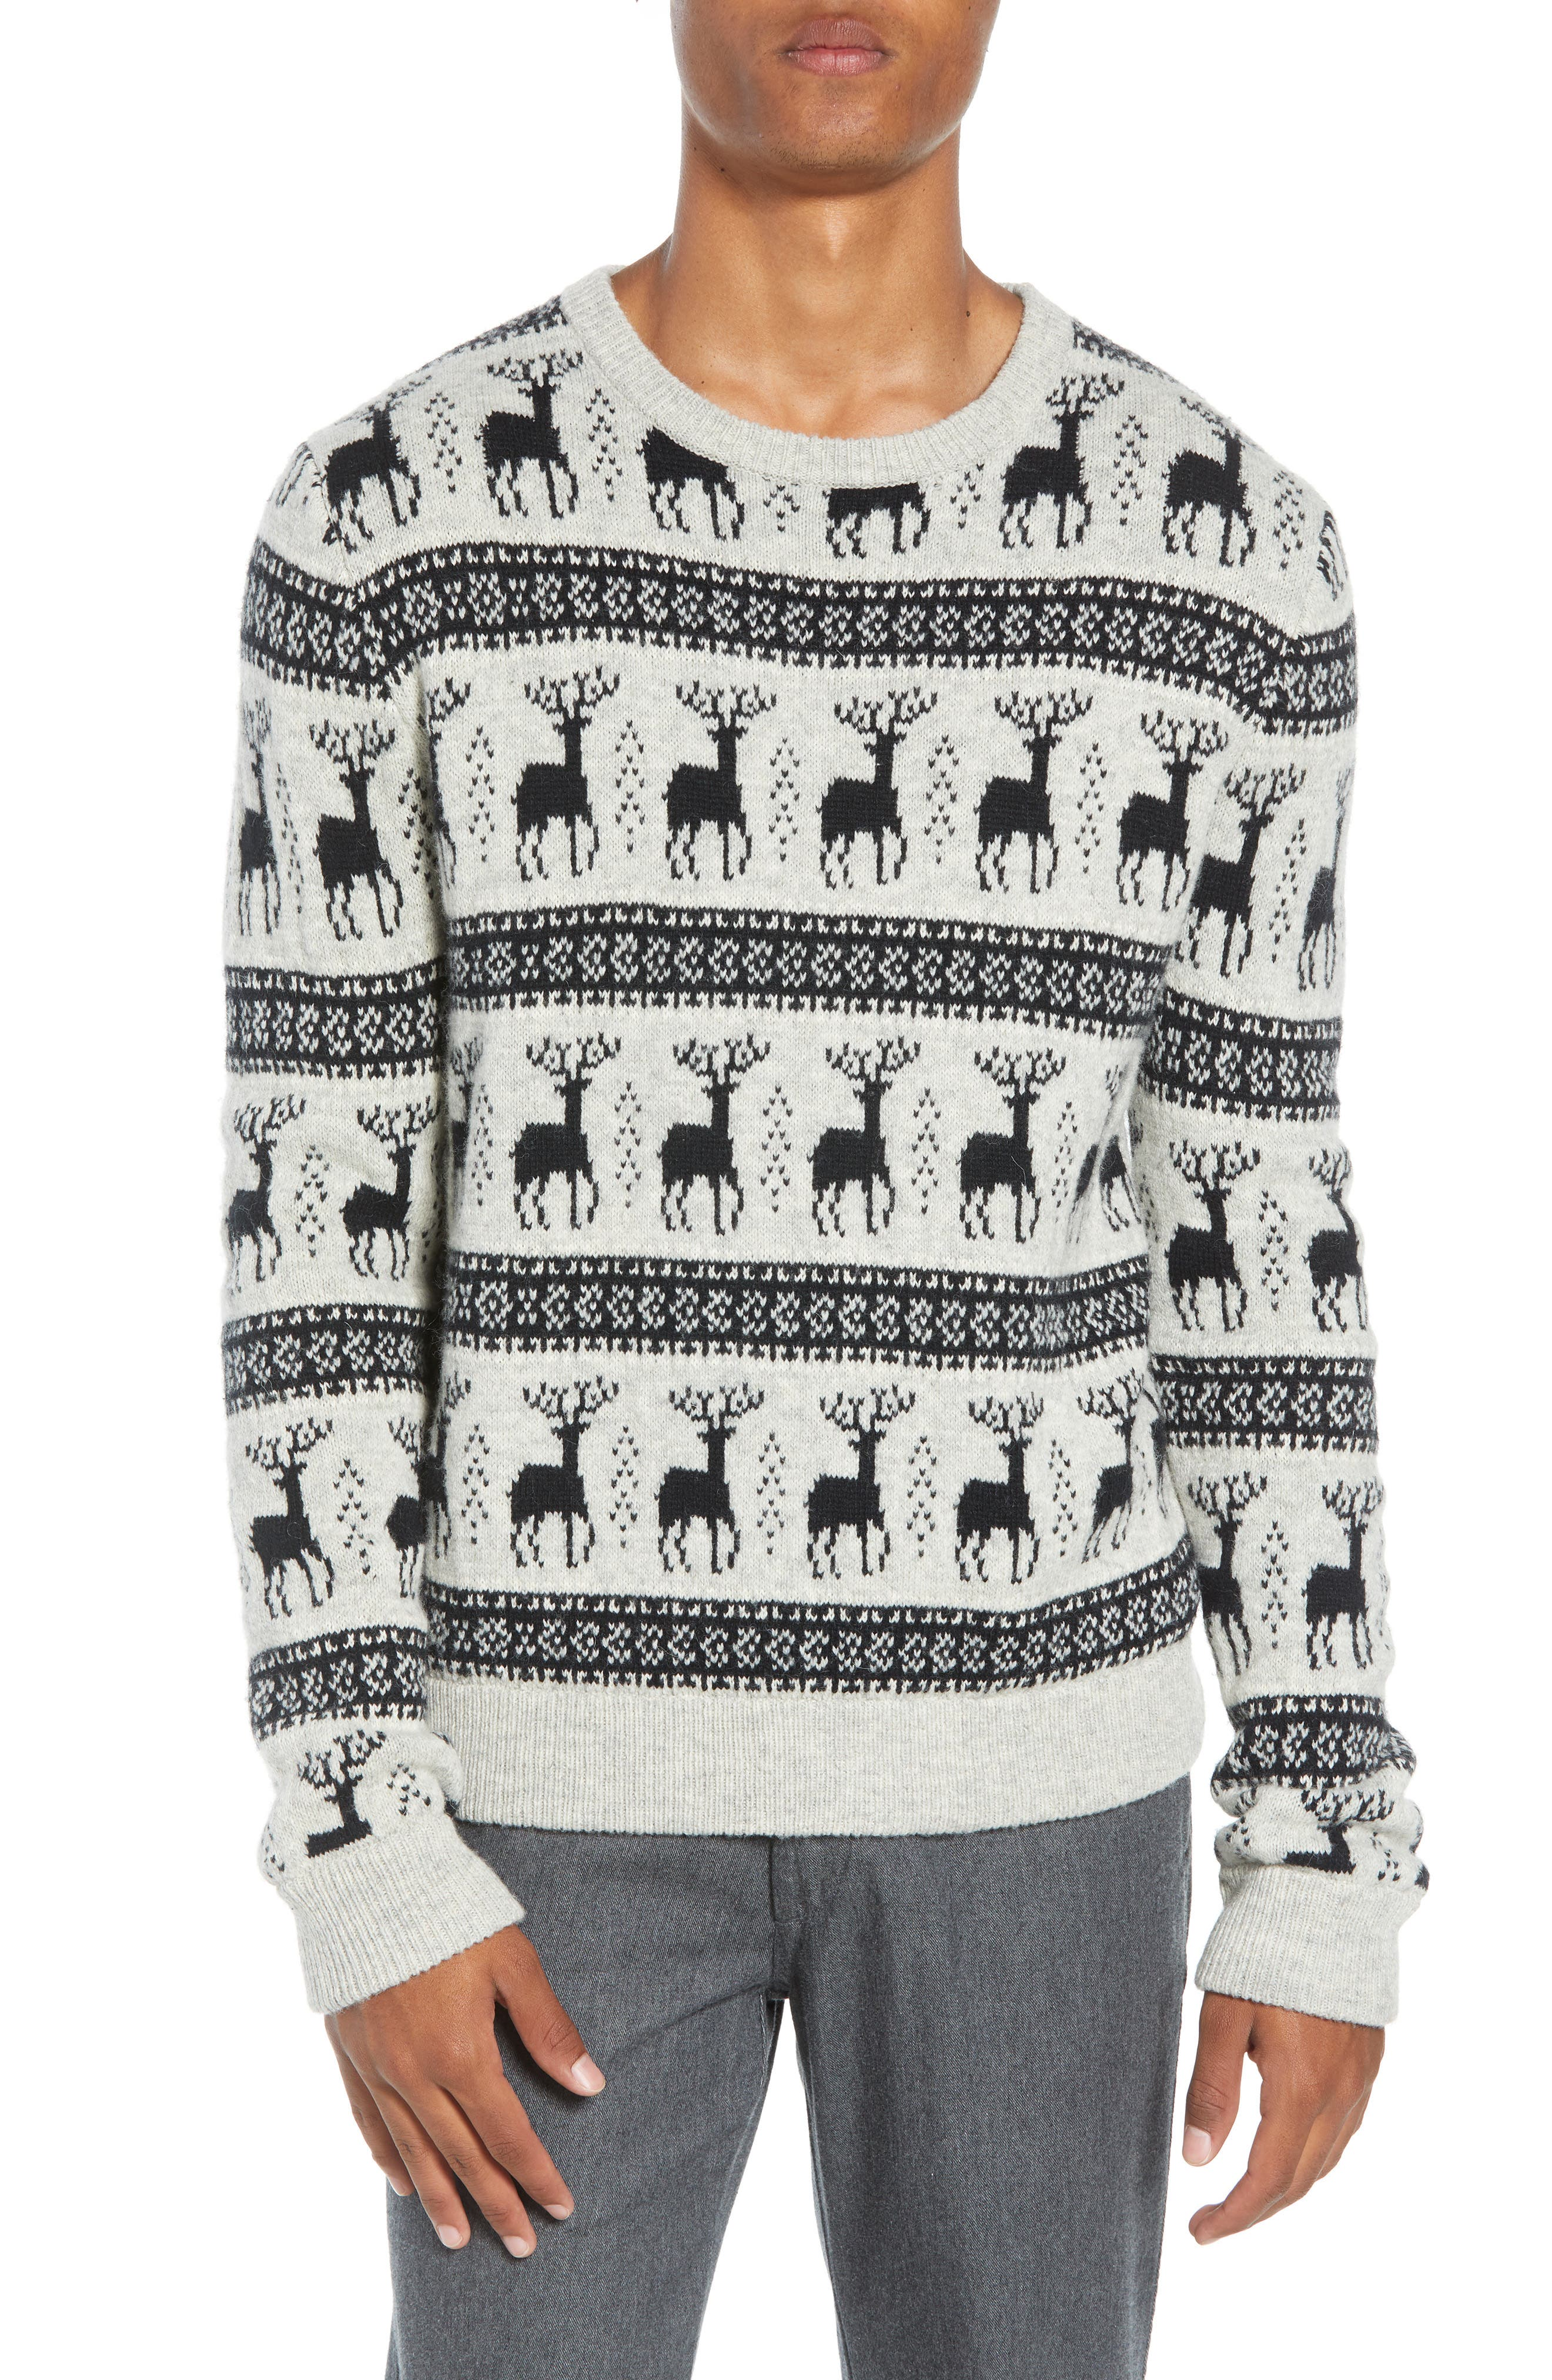 Cedar Slim Fit Crewneck Sweater,                         Main,                         color, LIGHT HEATHER GREY